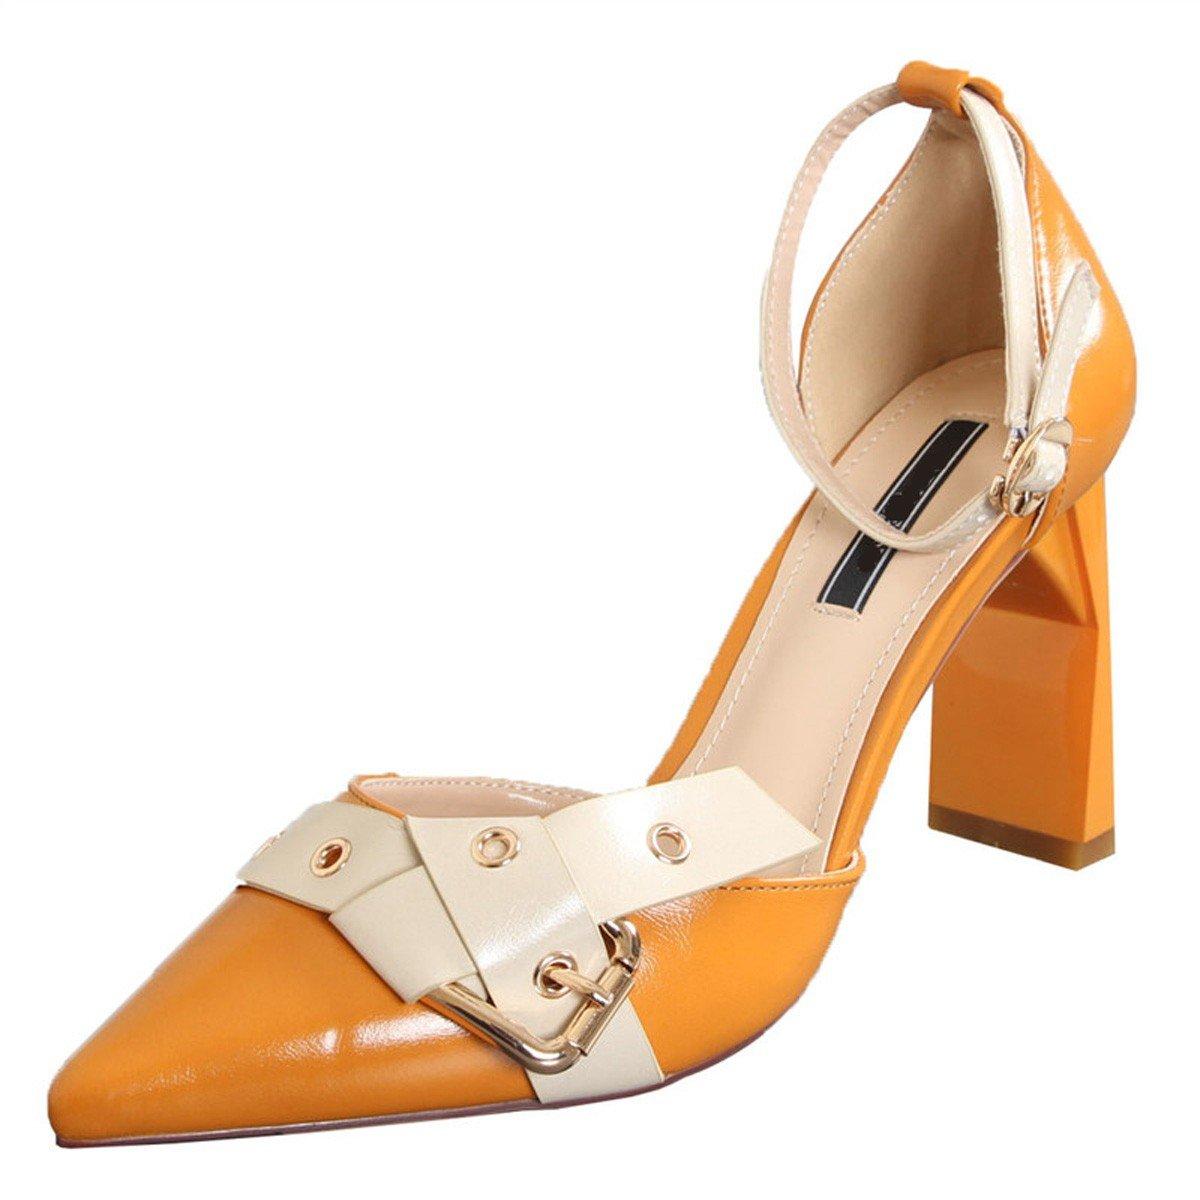 GTVERNH Damenschuhe Mode Spitz und Grob Grob Grob Frauen Schuhe Einzelne Schuhe Gürtel Hohl Schnalle Im Frühling und Sommer 9Cm Hochhackigen Schuhe. 9027d4